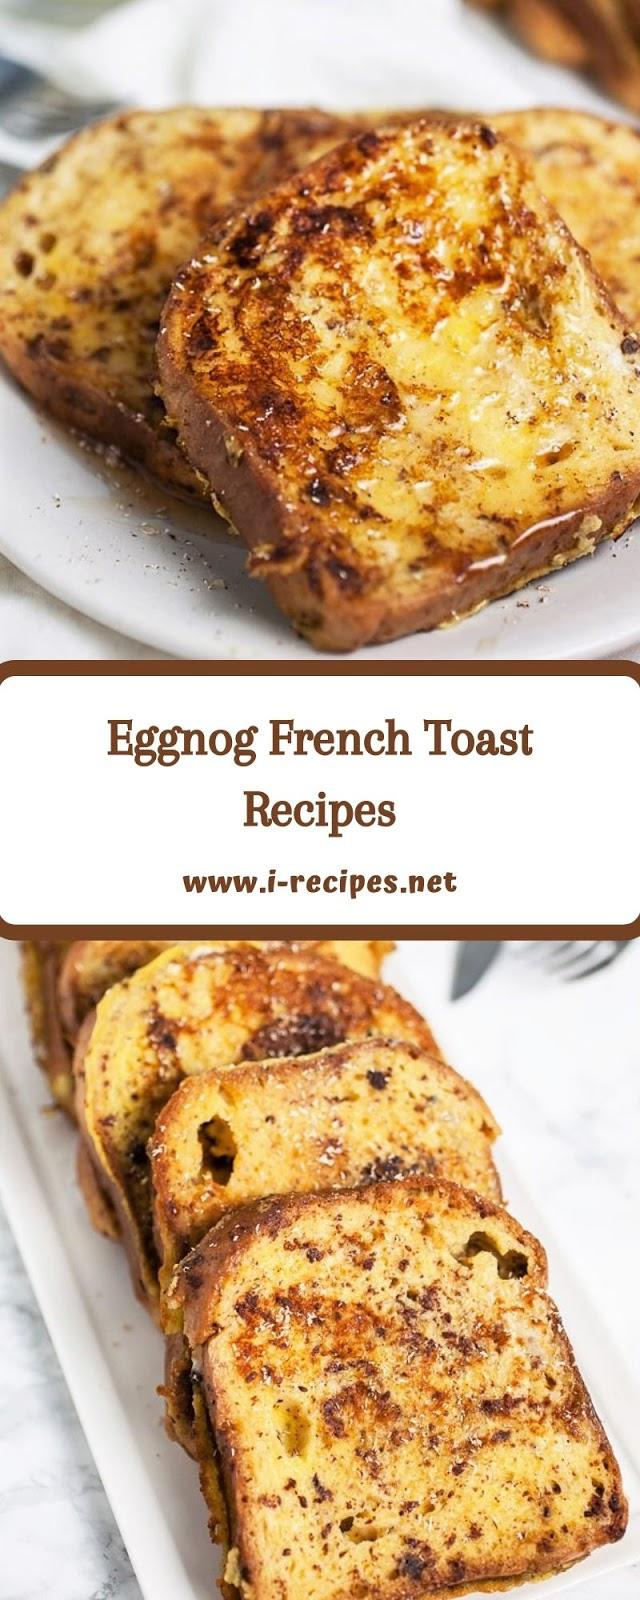 Eggnog French Toast Recipes